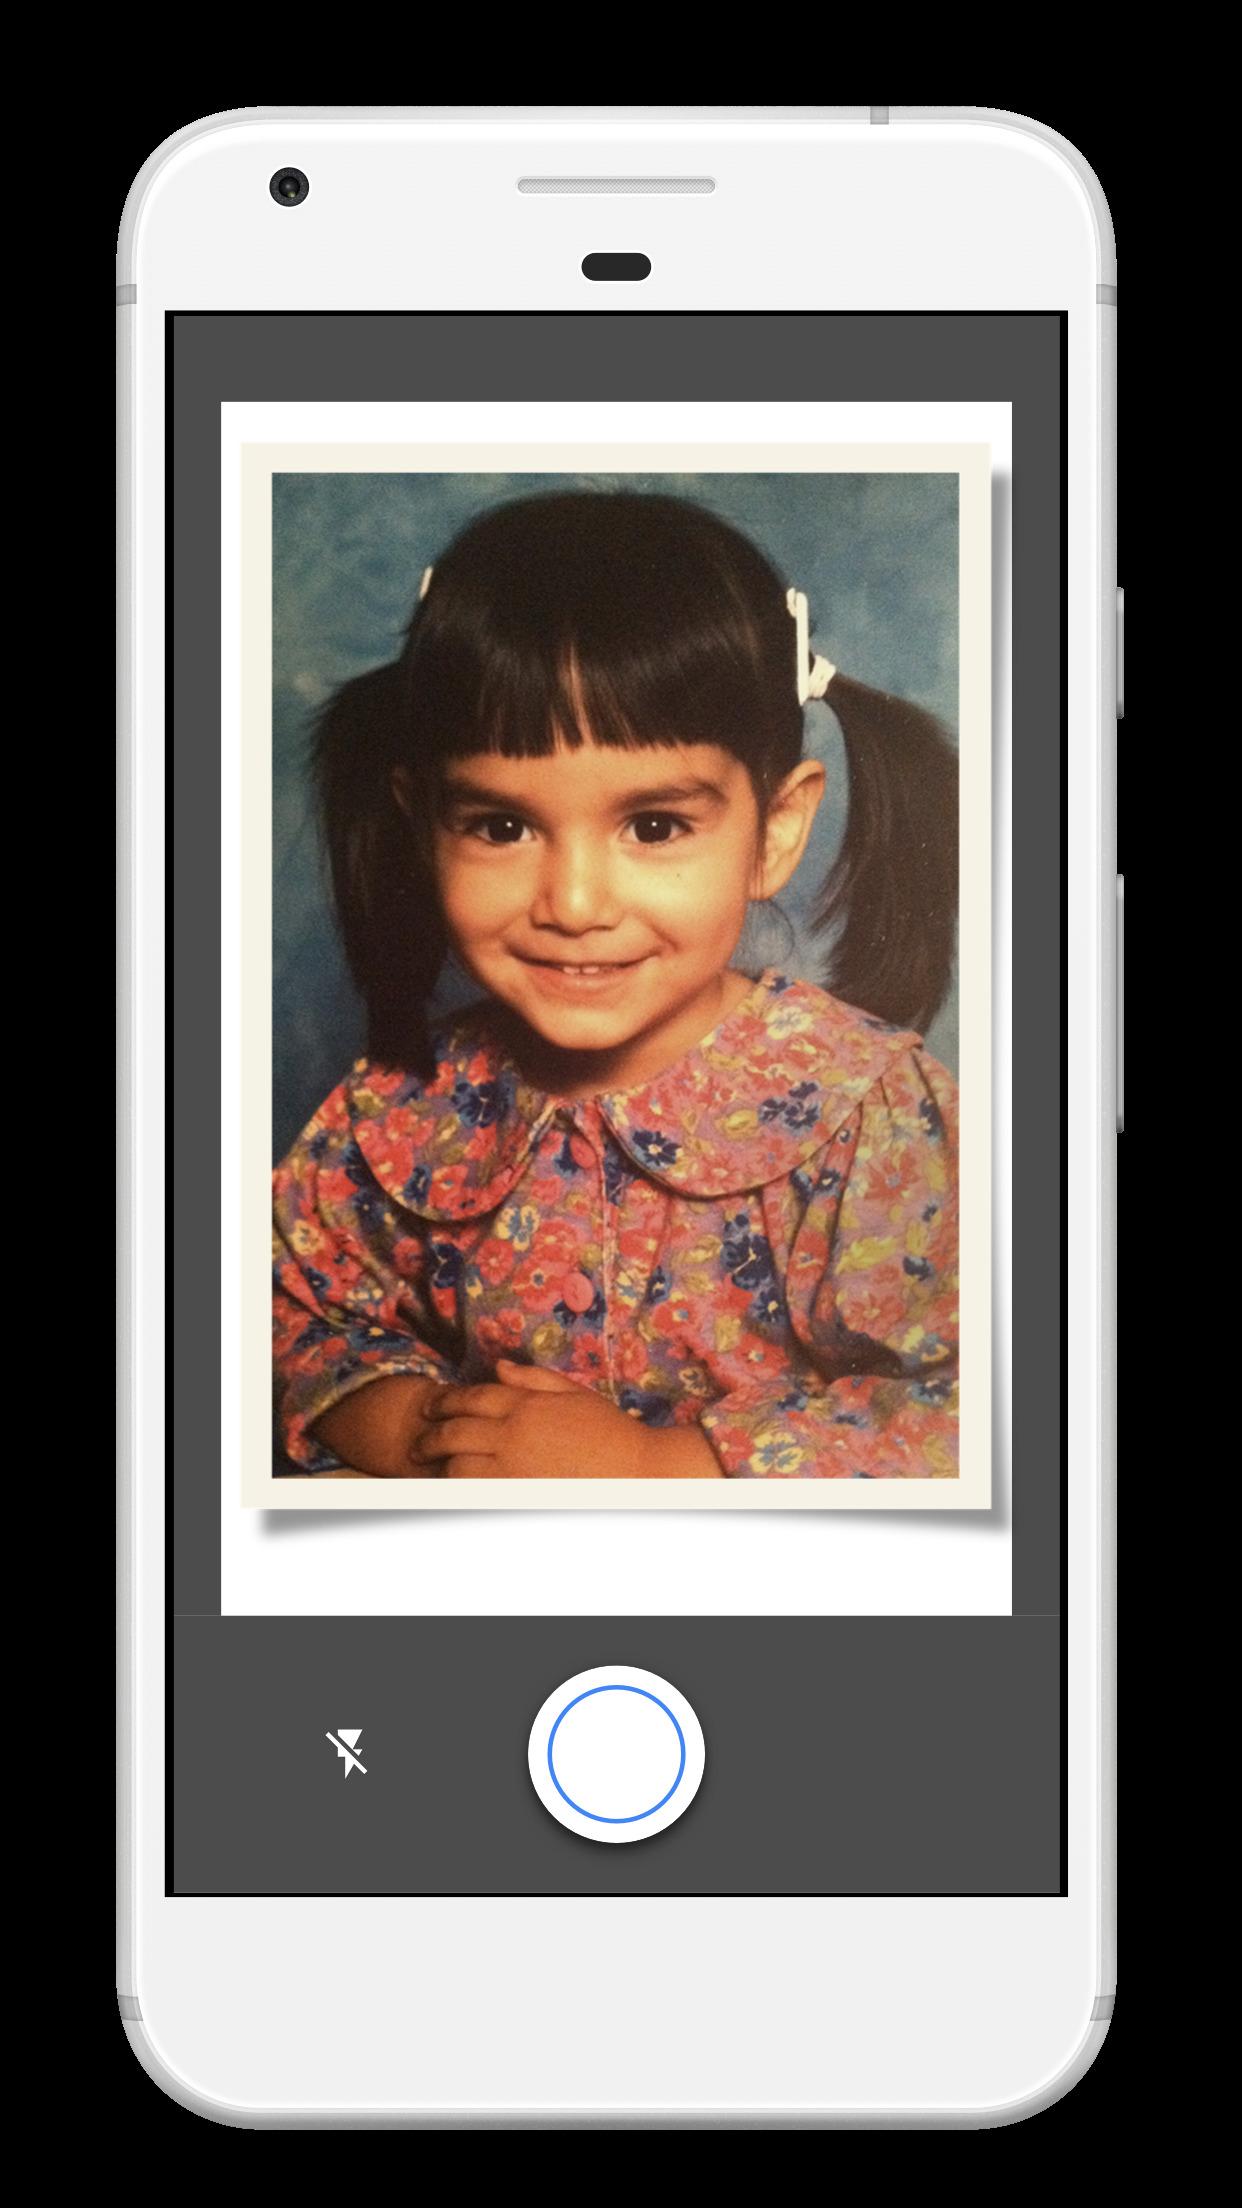 تطبيق PhotoScan من قوقل يحول الصور الفوتوغرافية القديمة إلى رقمية  تطبيق PhotoScan من قوقل يحول الصور الفوتوغرافية القديمة إلى رقمية